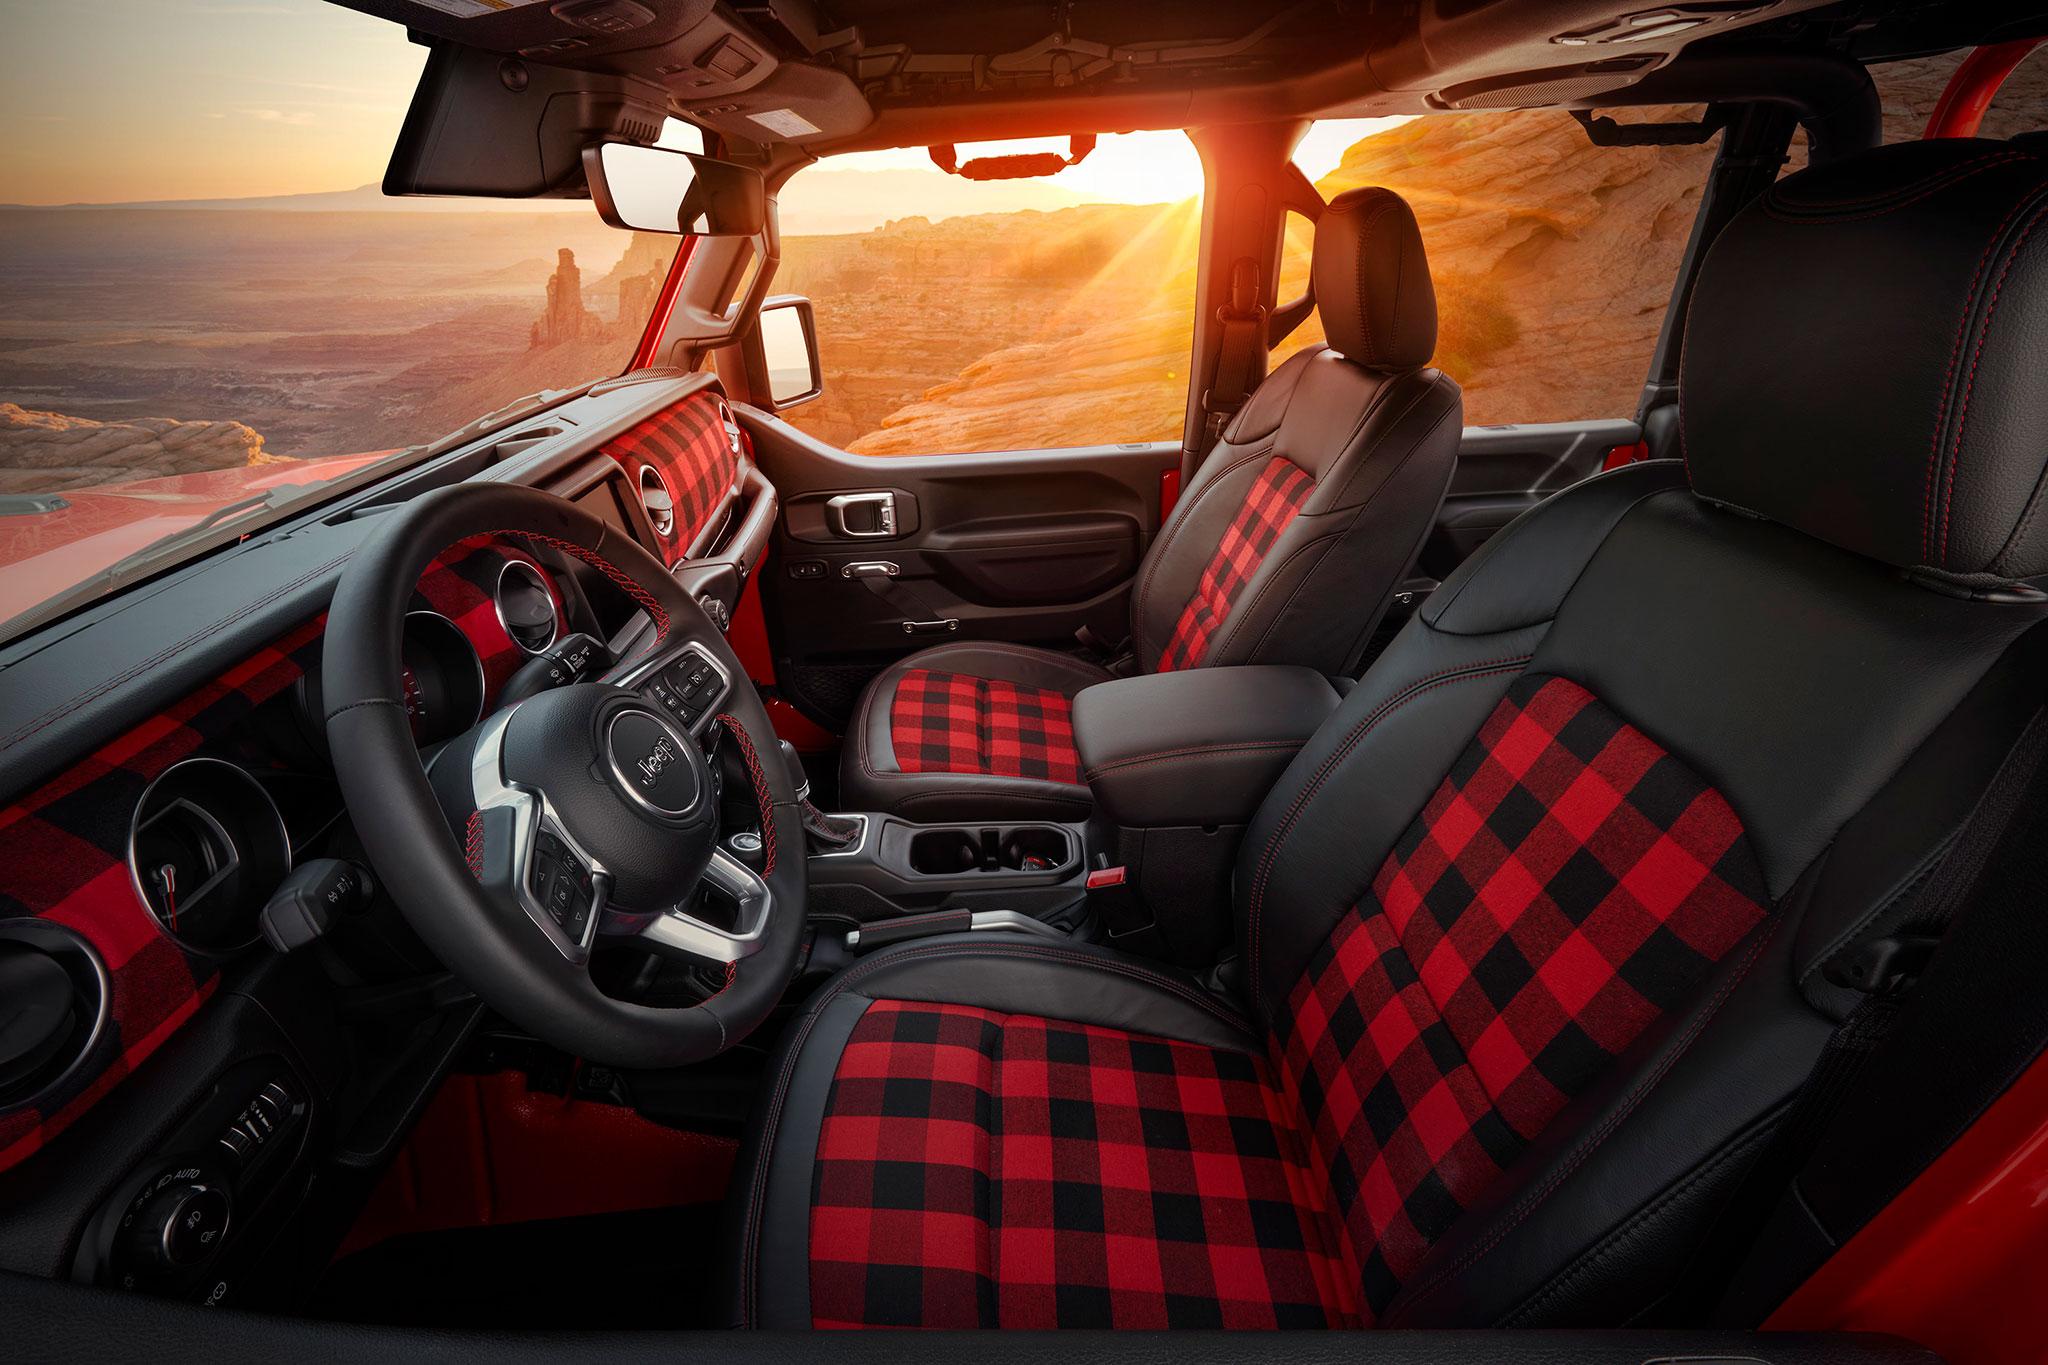 2021 Jeep Red Bare Gladiator Rubicon Concept intérieur noir et rouge sièges à careaux rouge et noir - Concept Cars de Jeep®.